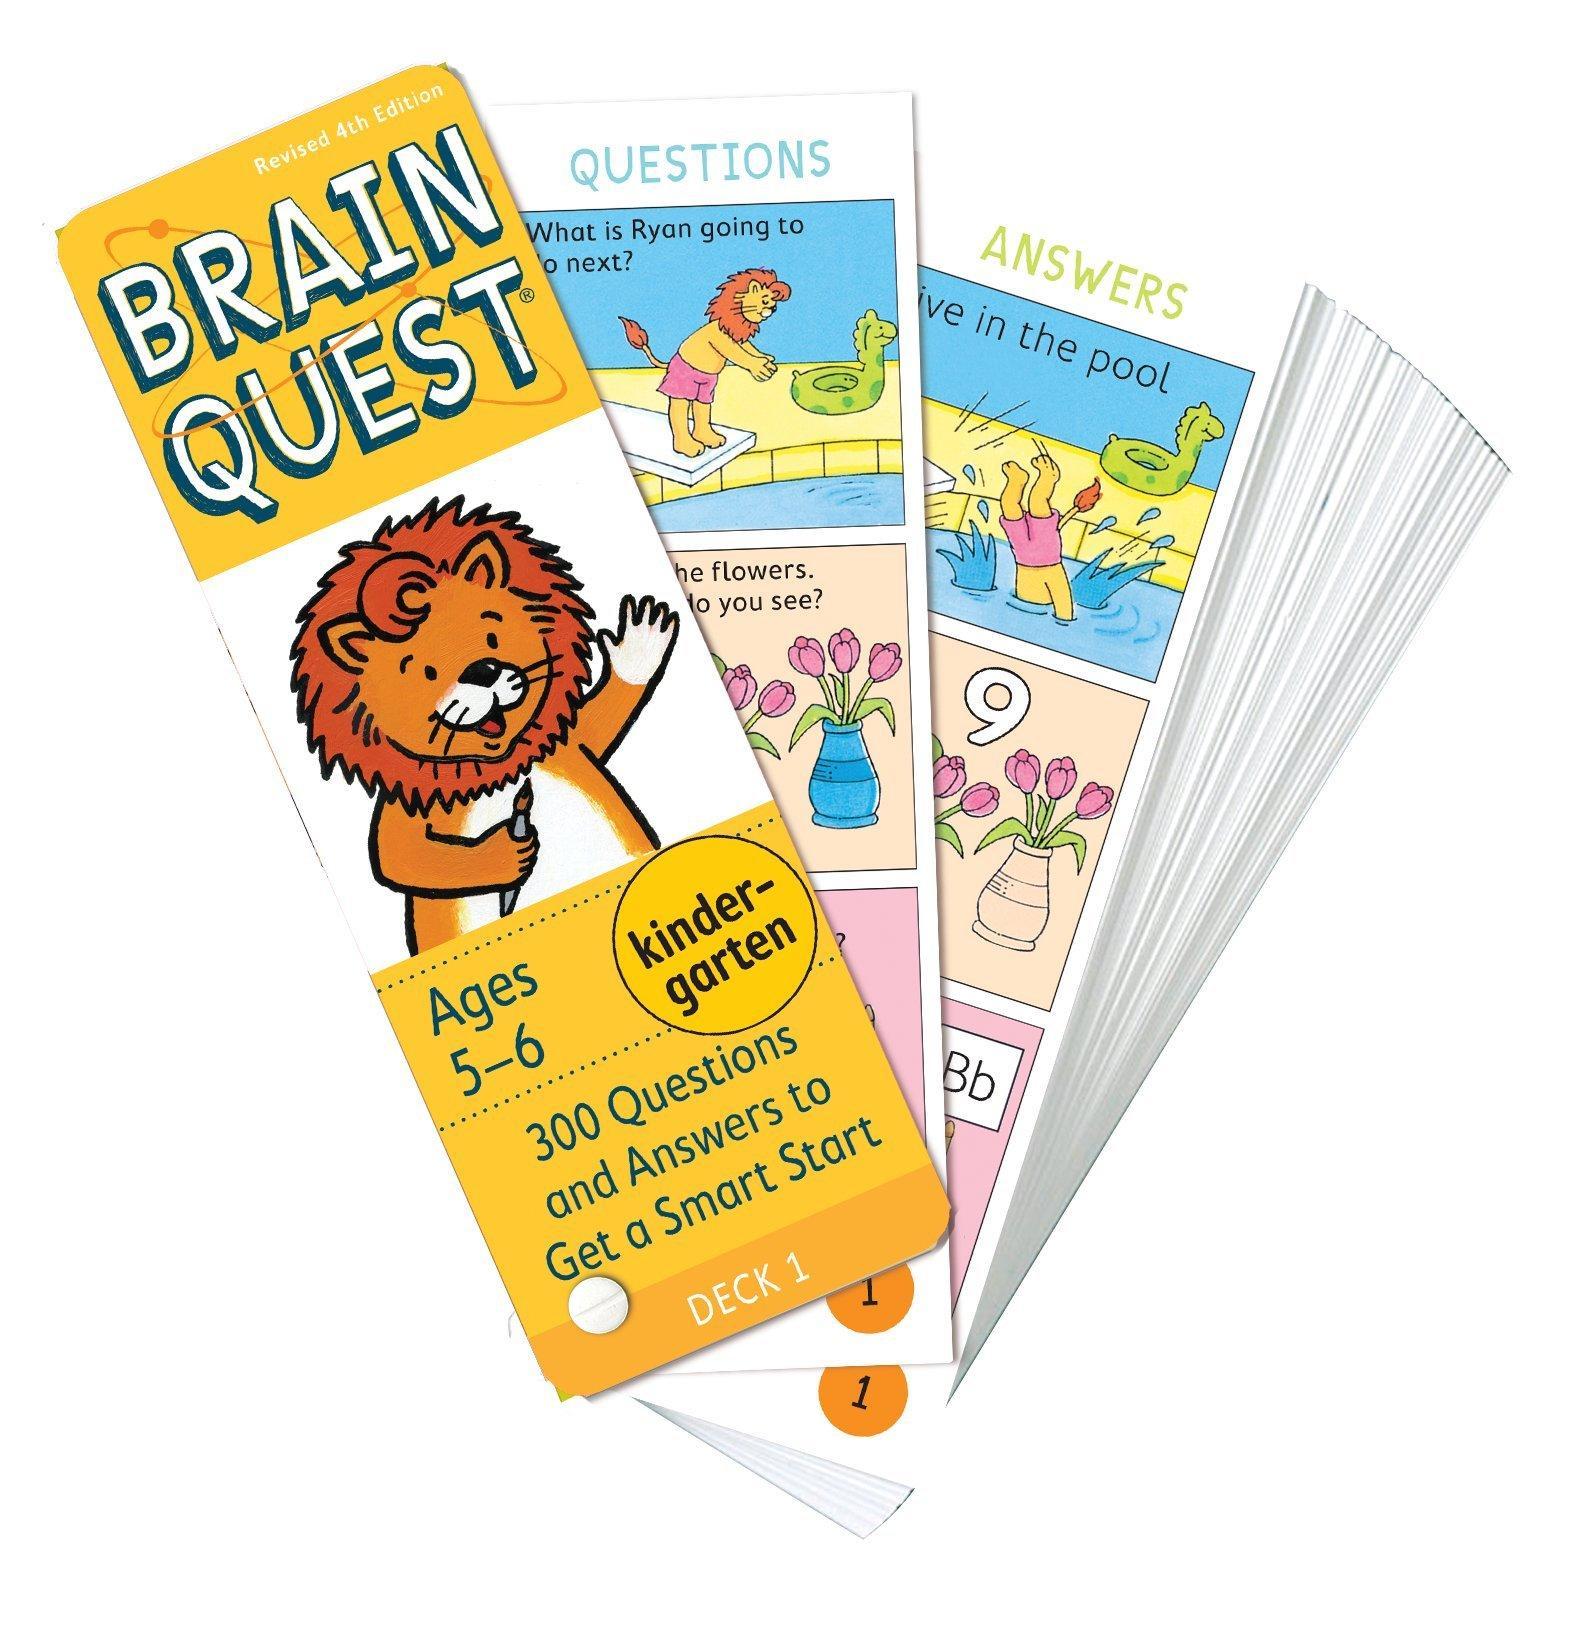 Bộ Thẻ Học Tiếng Anh - Brain Quest Kindergarten By Sách Thiếu Nhi Mẹ Ong Nâu.